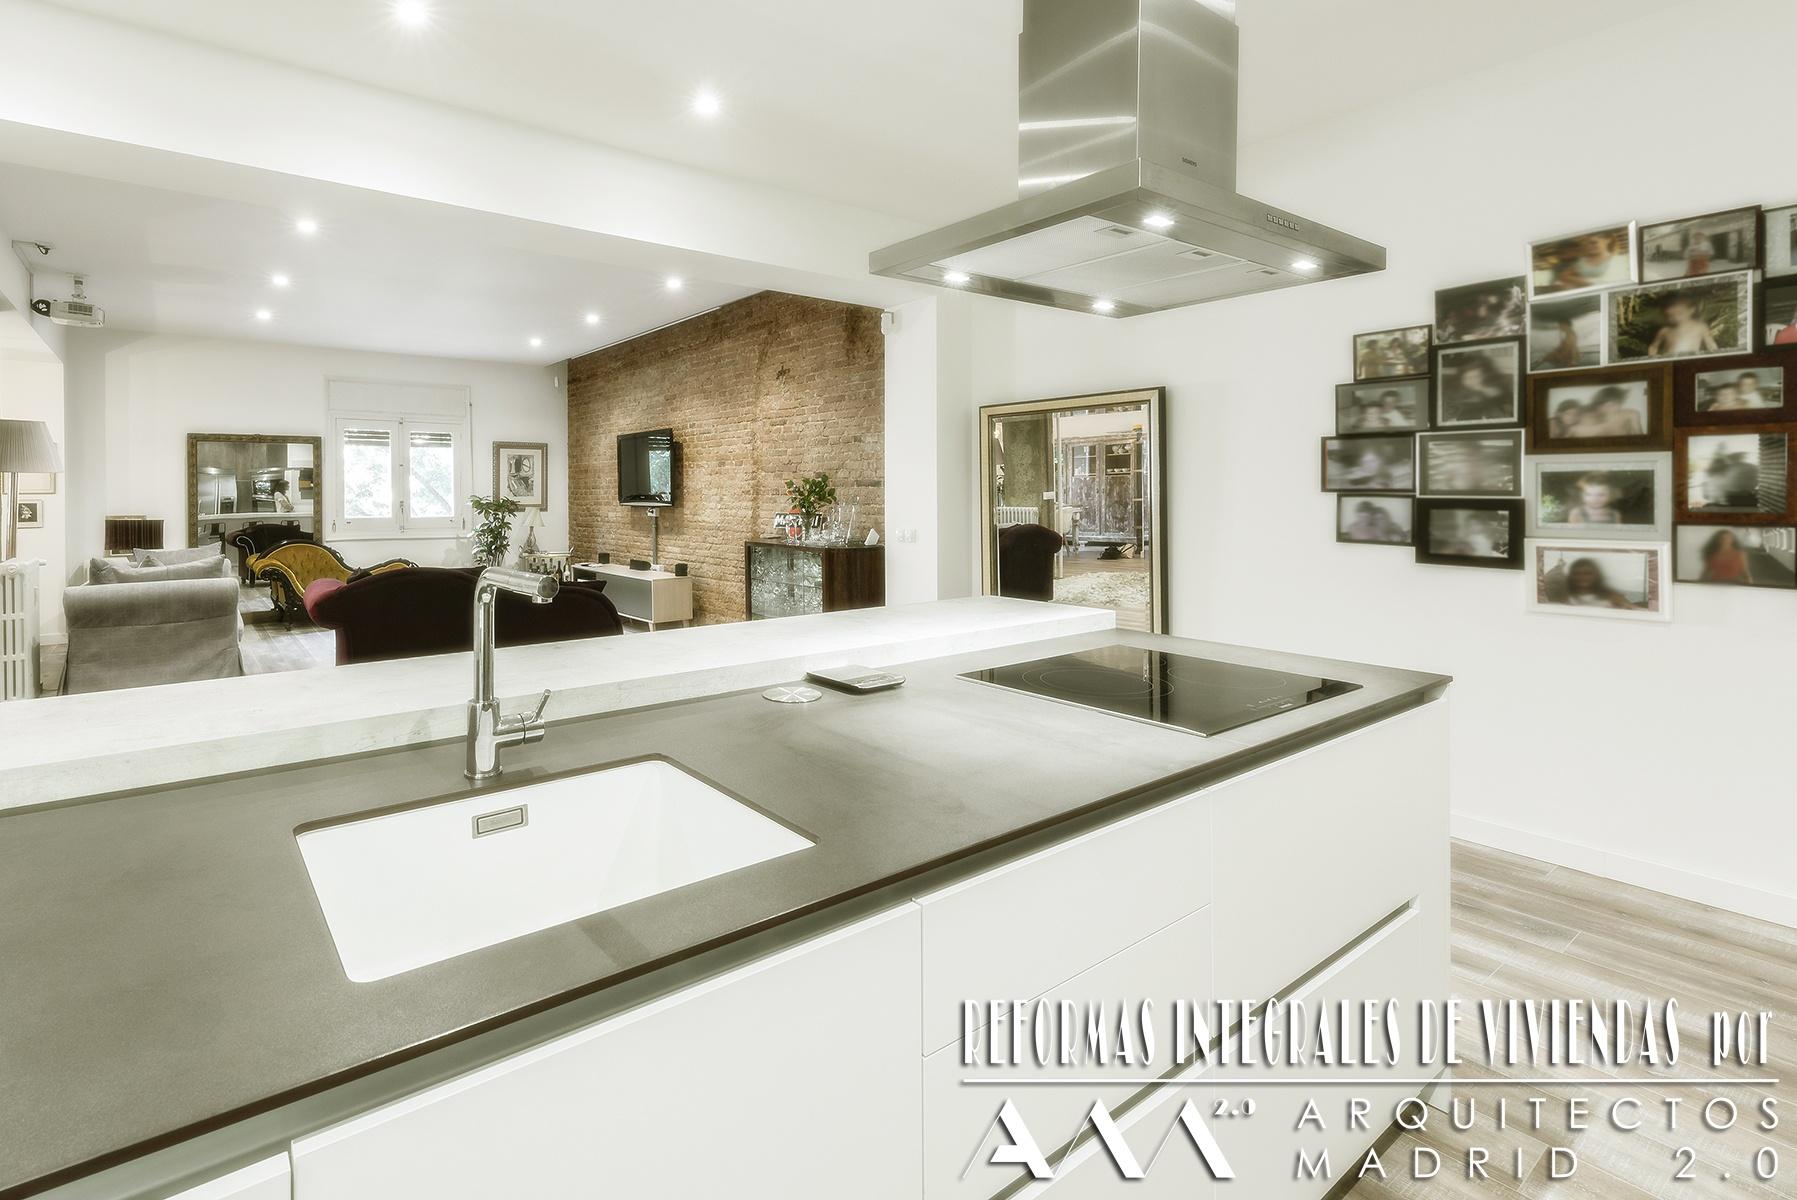 reformas-viviendas-proyectos-casas-pisos-apartamentos-arquitectos-madrid-9